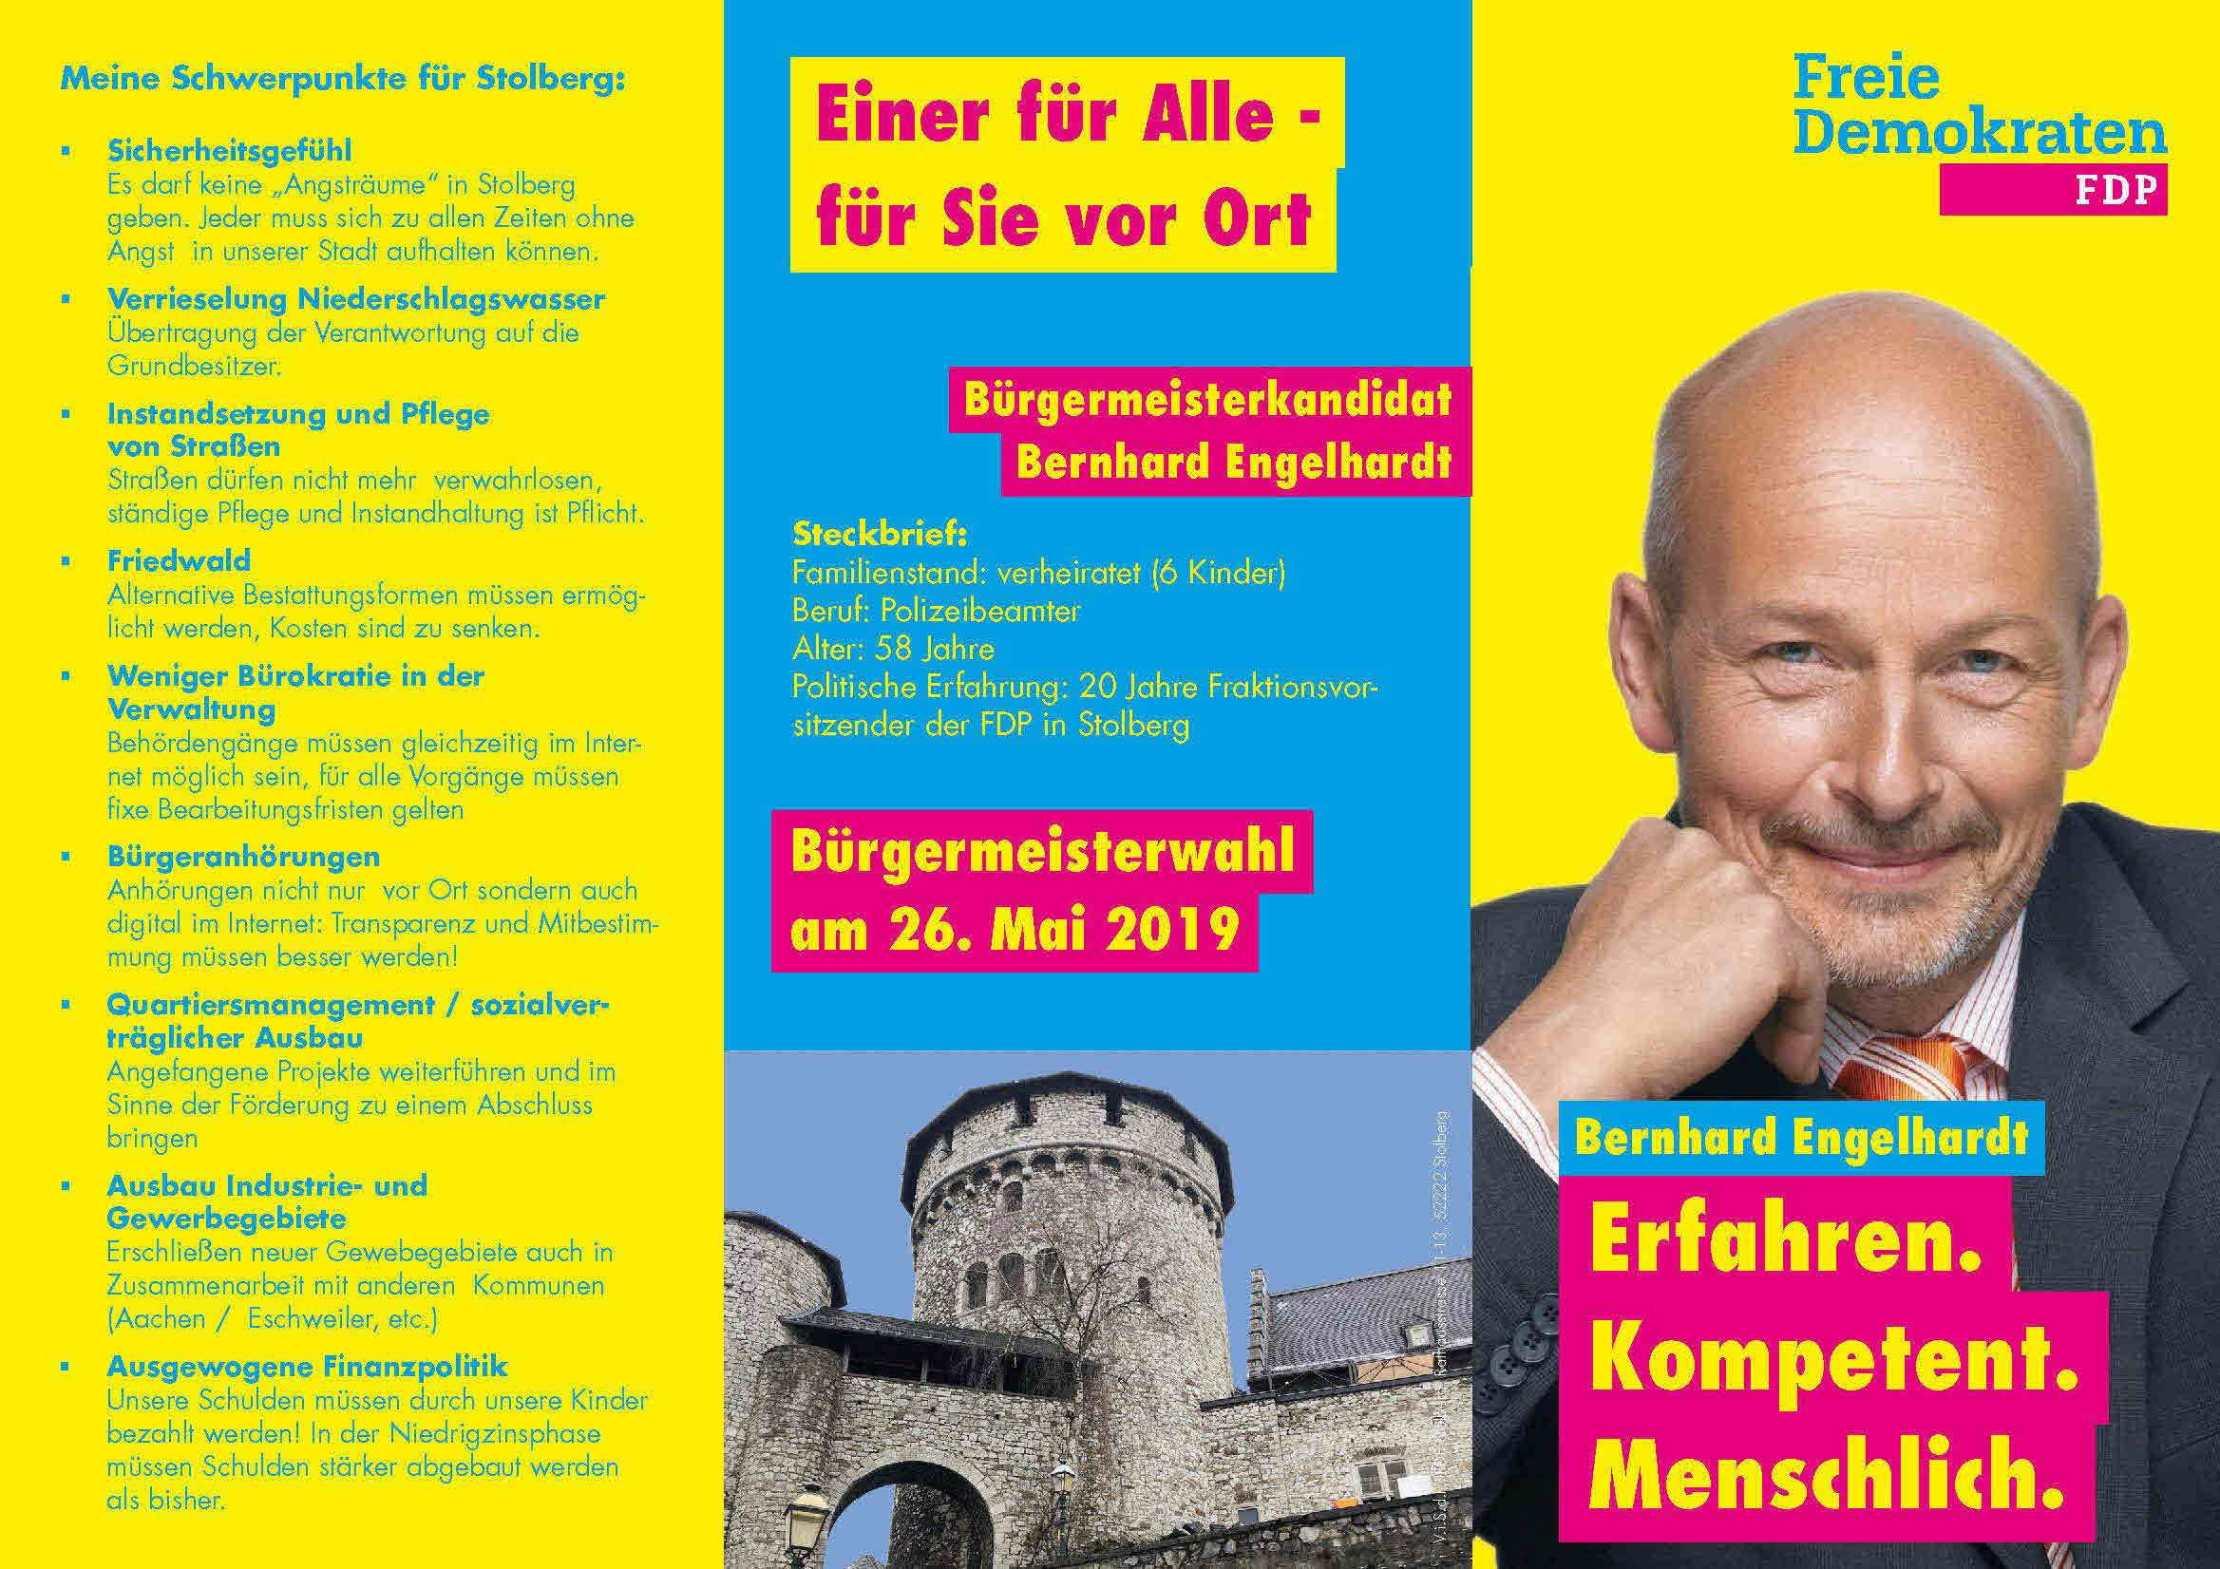 Bernhard Engelhardt: Ihr Kandidat für die Freien Demokraten